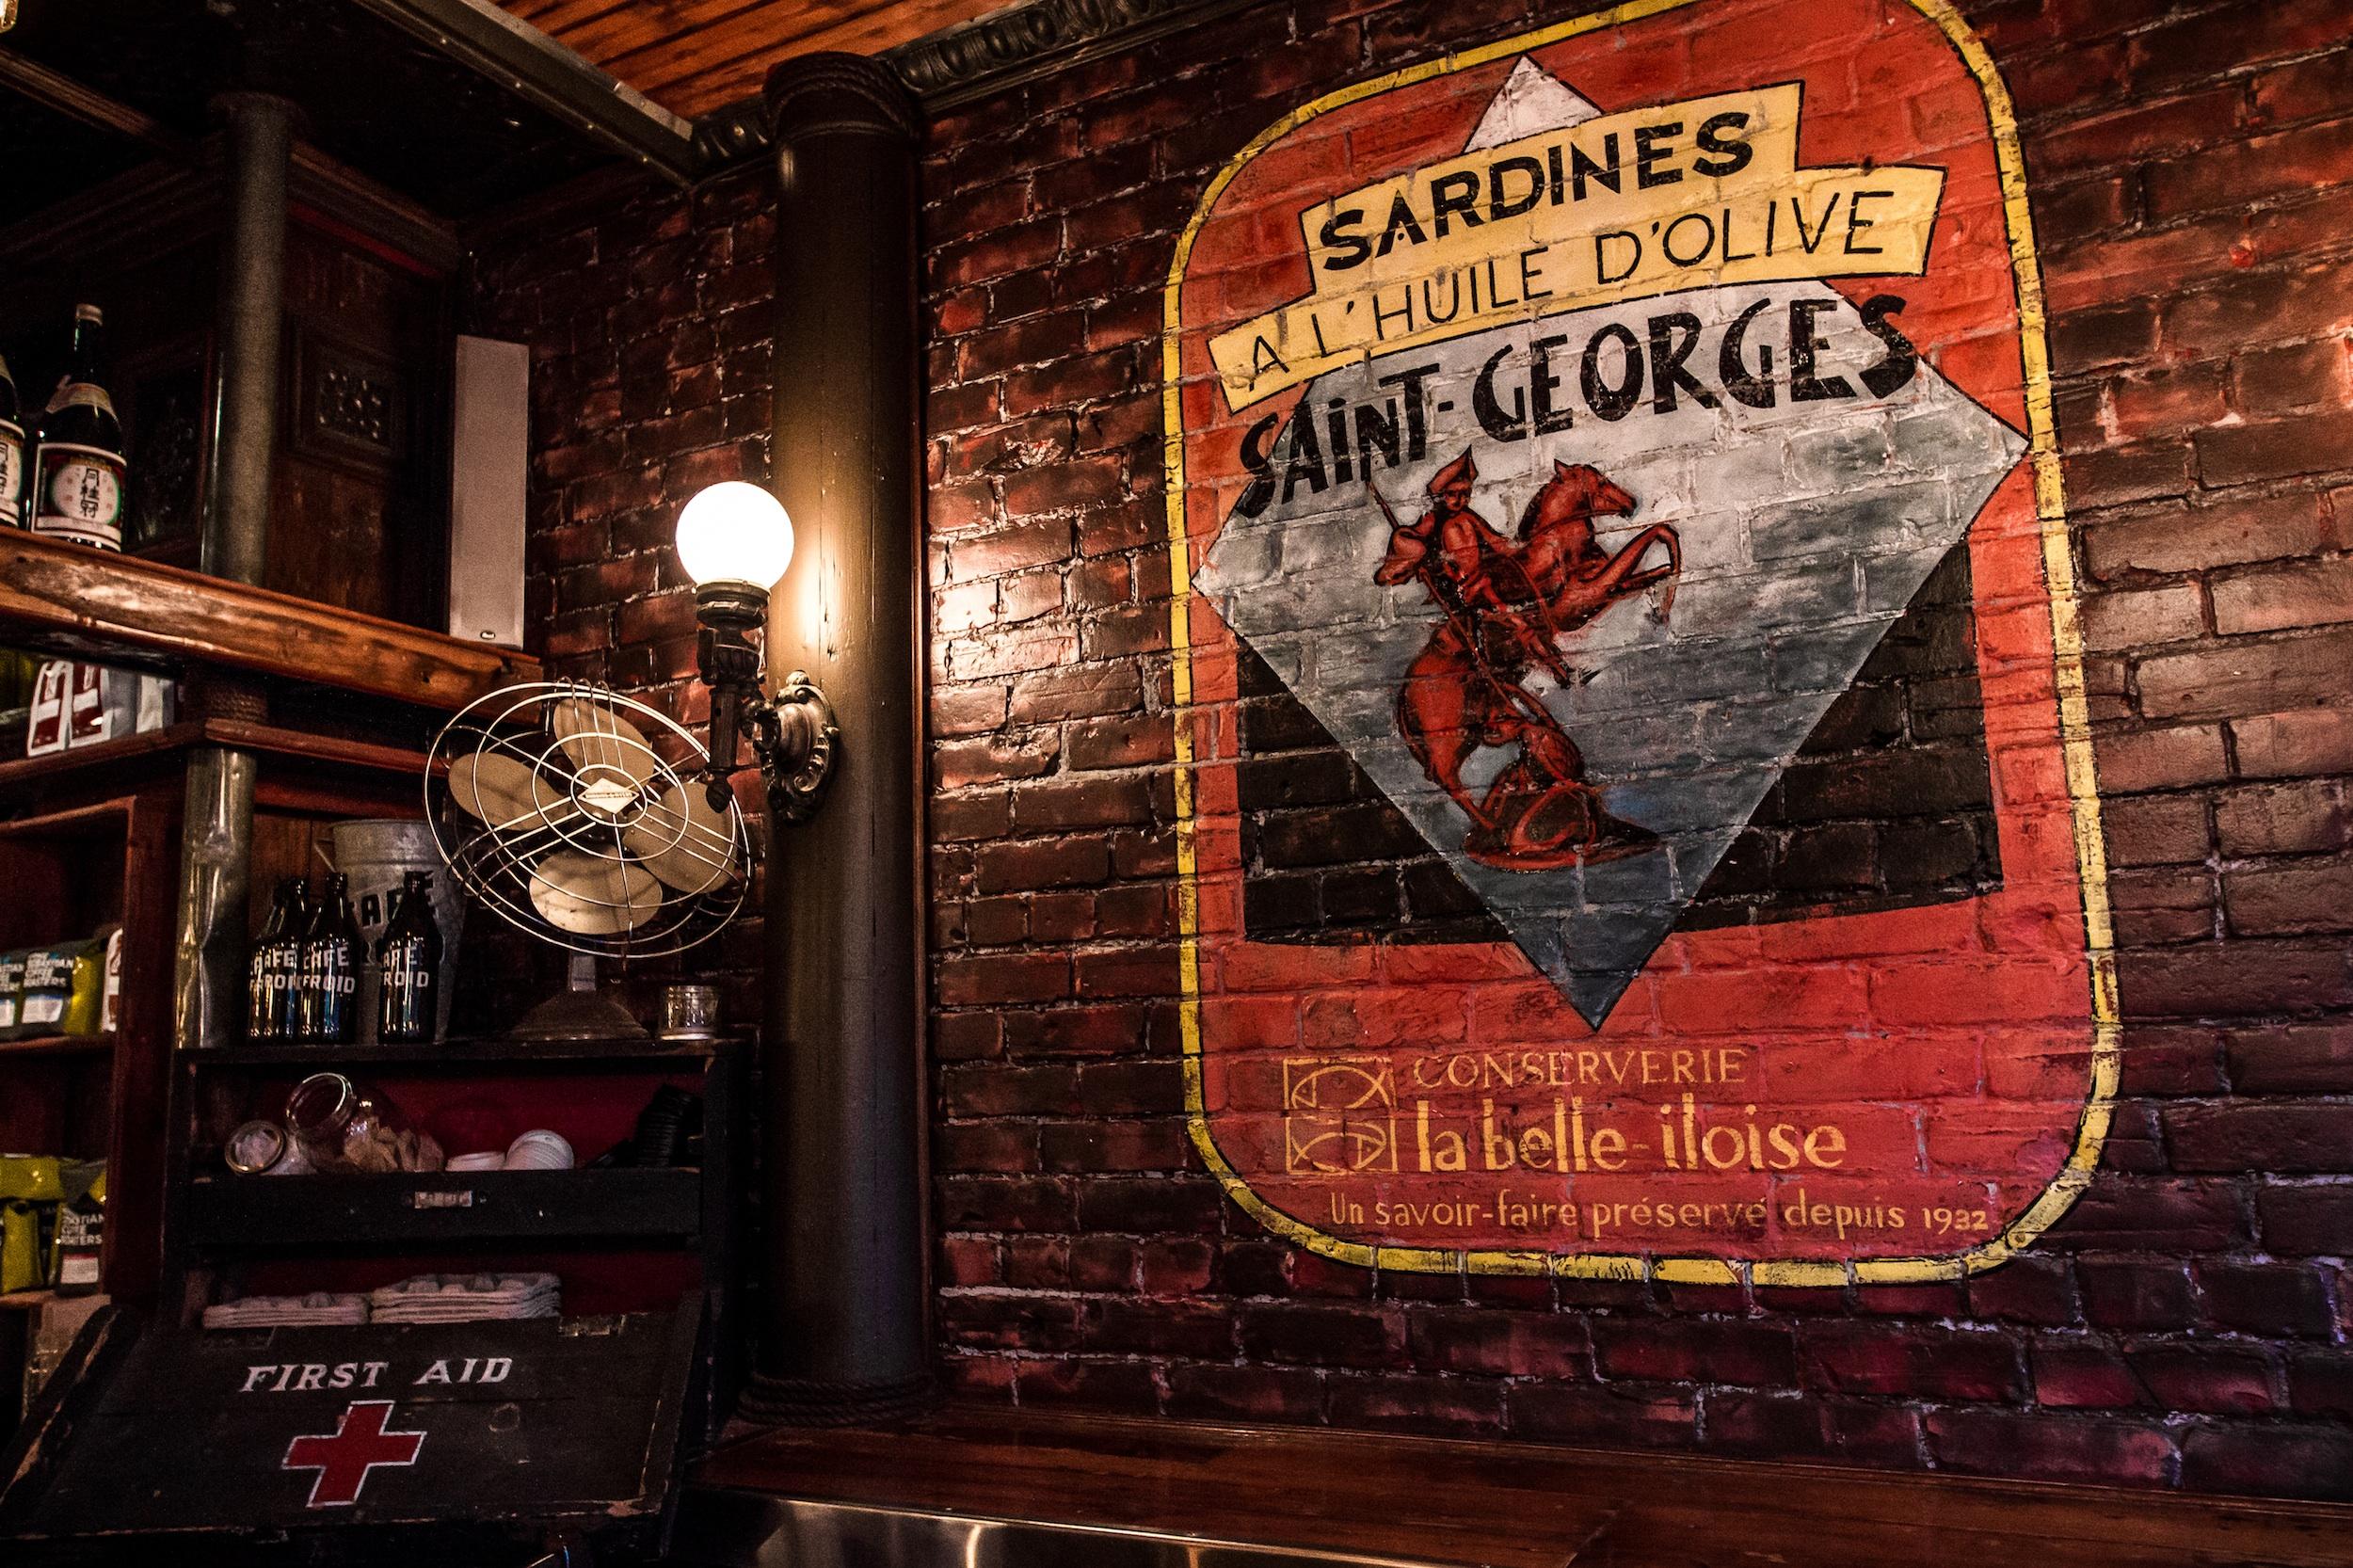 Café Sardine is no more